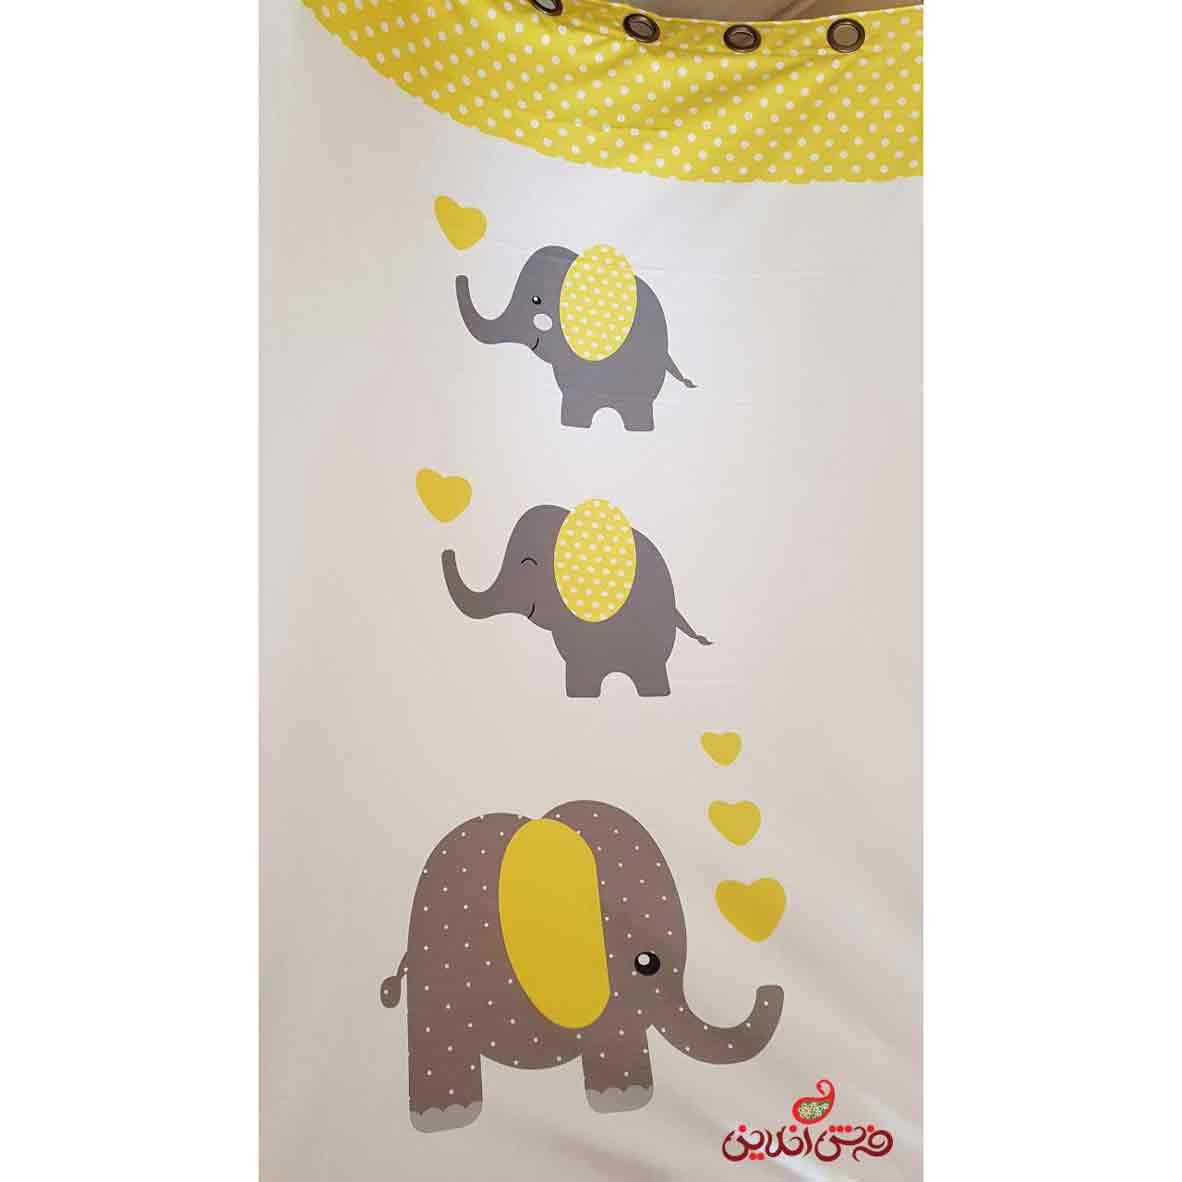 پرده تک تخته کودک آماده ارسال طرح فیل ها کد 2365